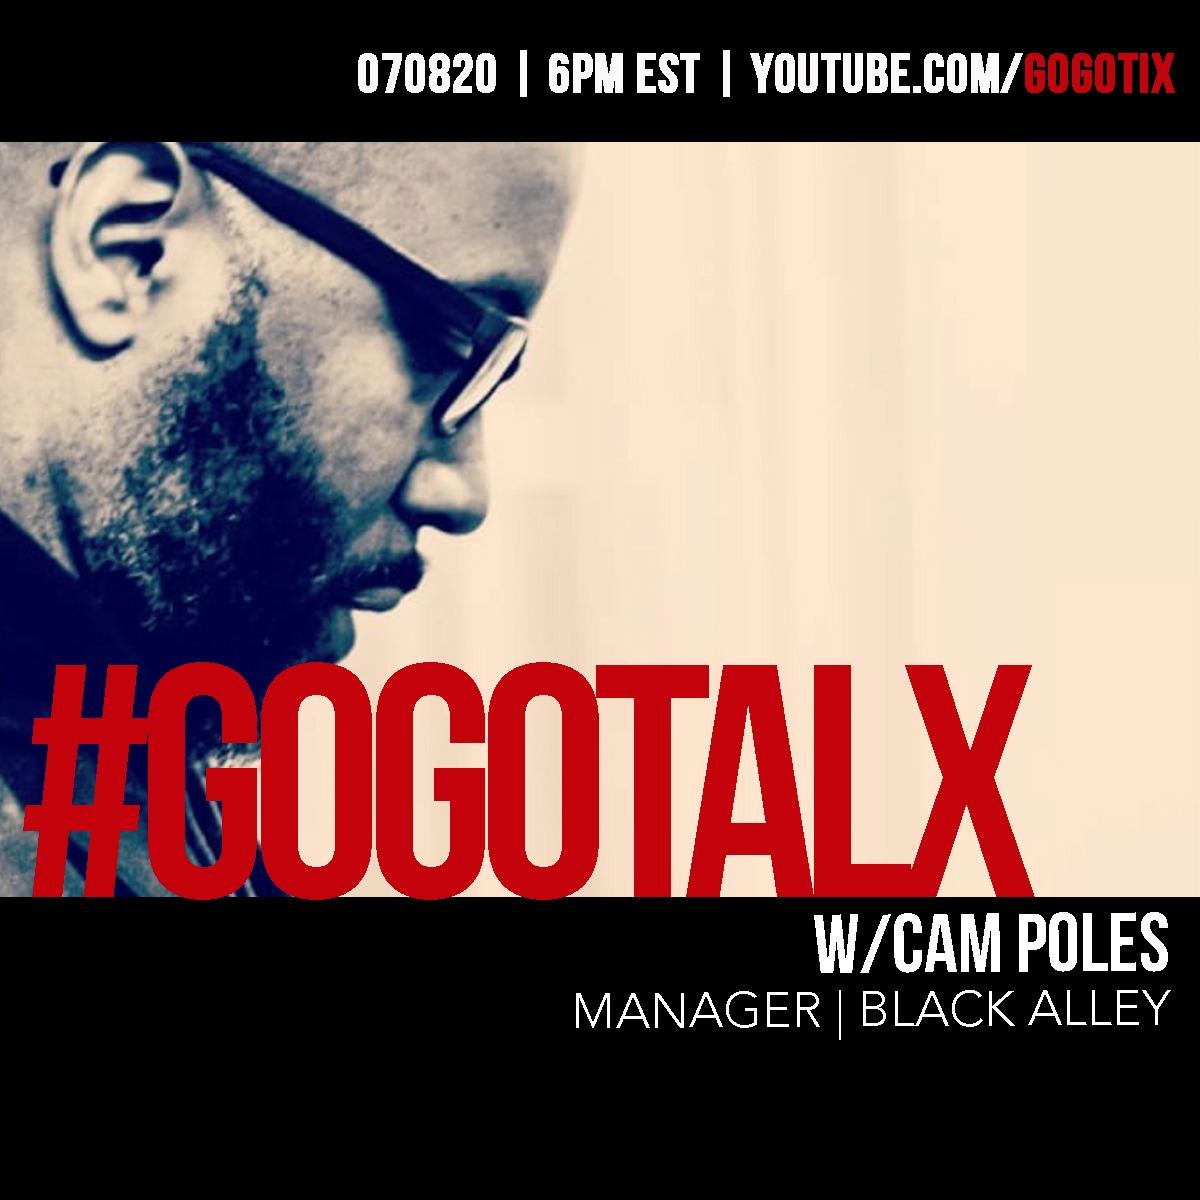 @weareblackalley GoGo Talx w/ Cam Poles Link Thumbnail | Linktree